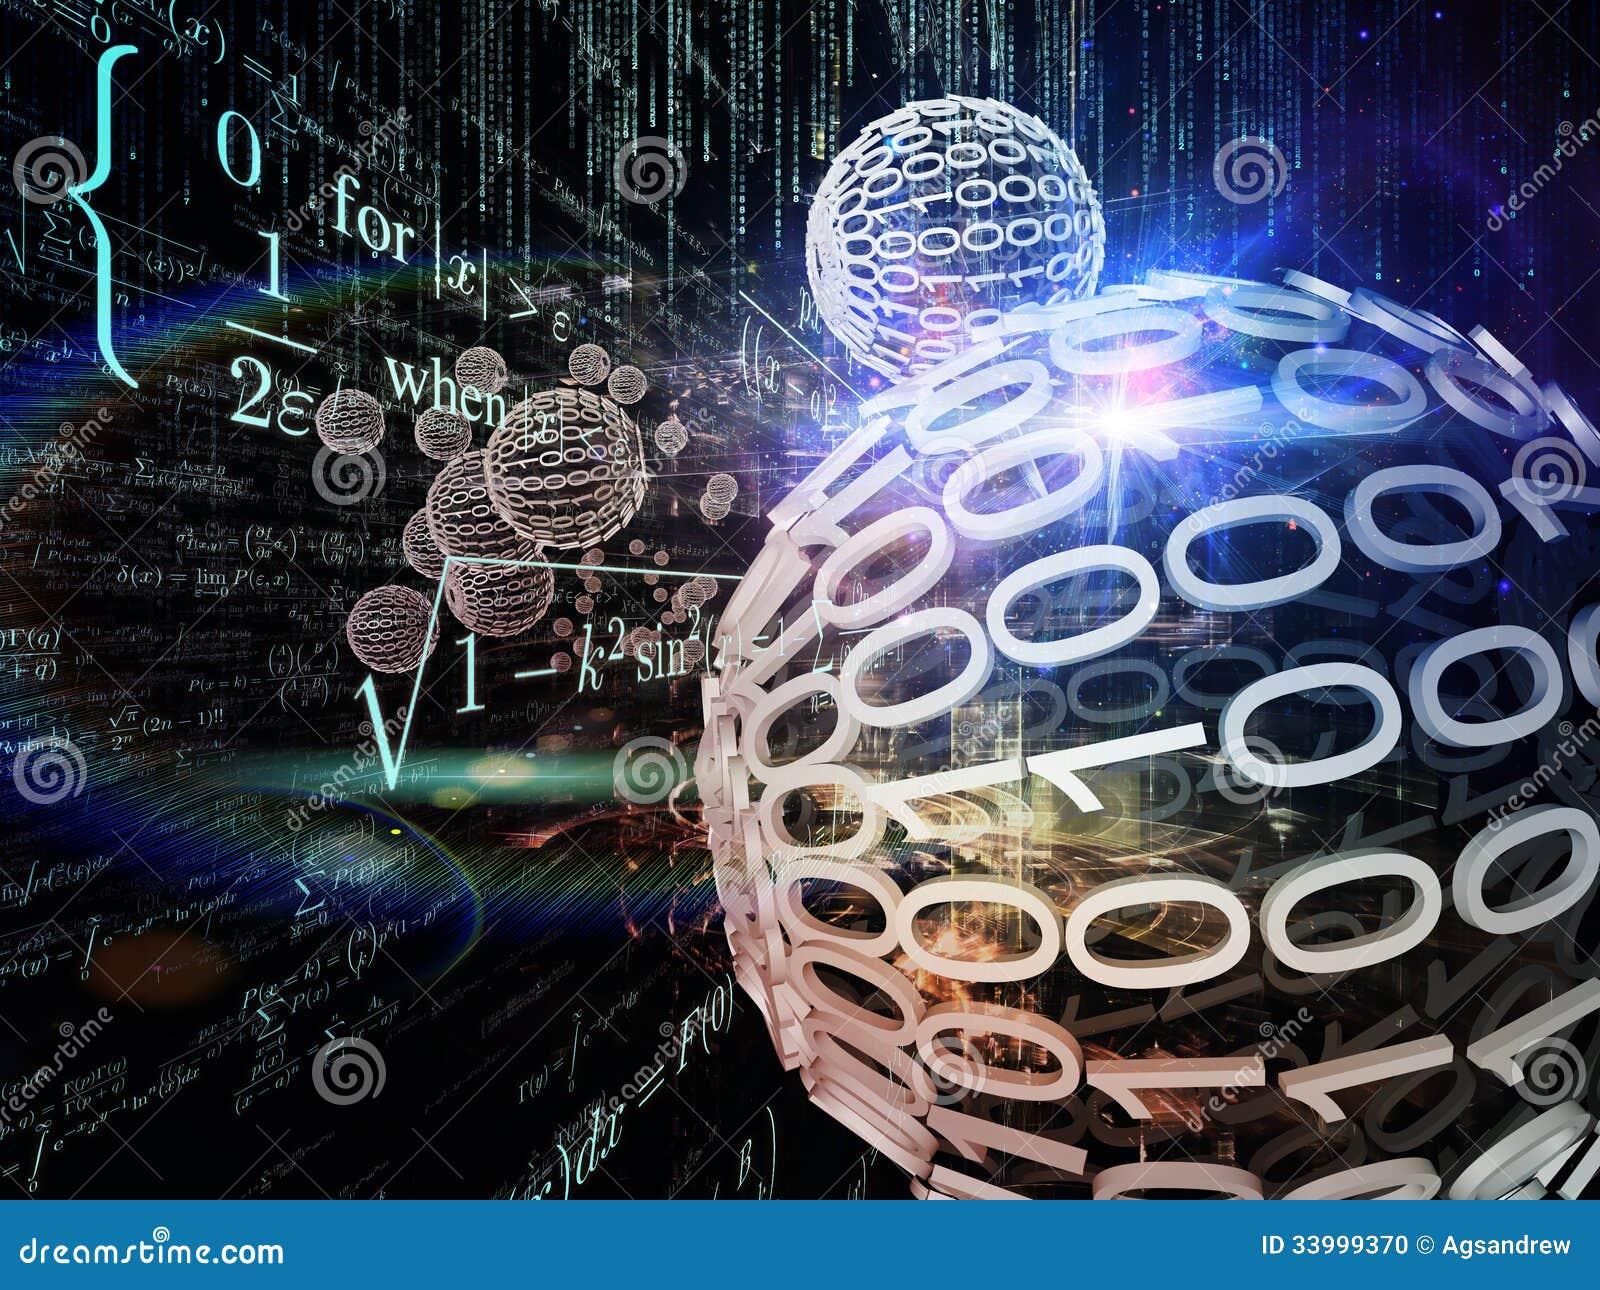 数学公式和设计元素的图表构成在透视起赞美设计作用图片